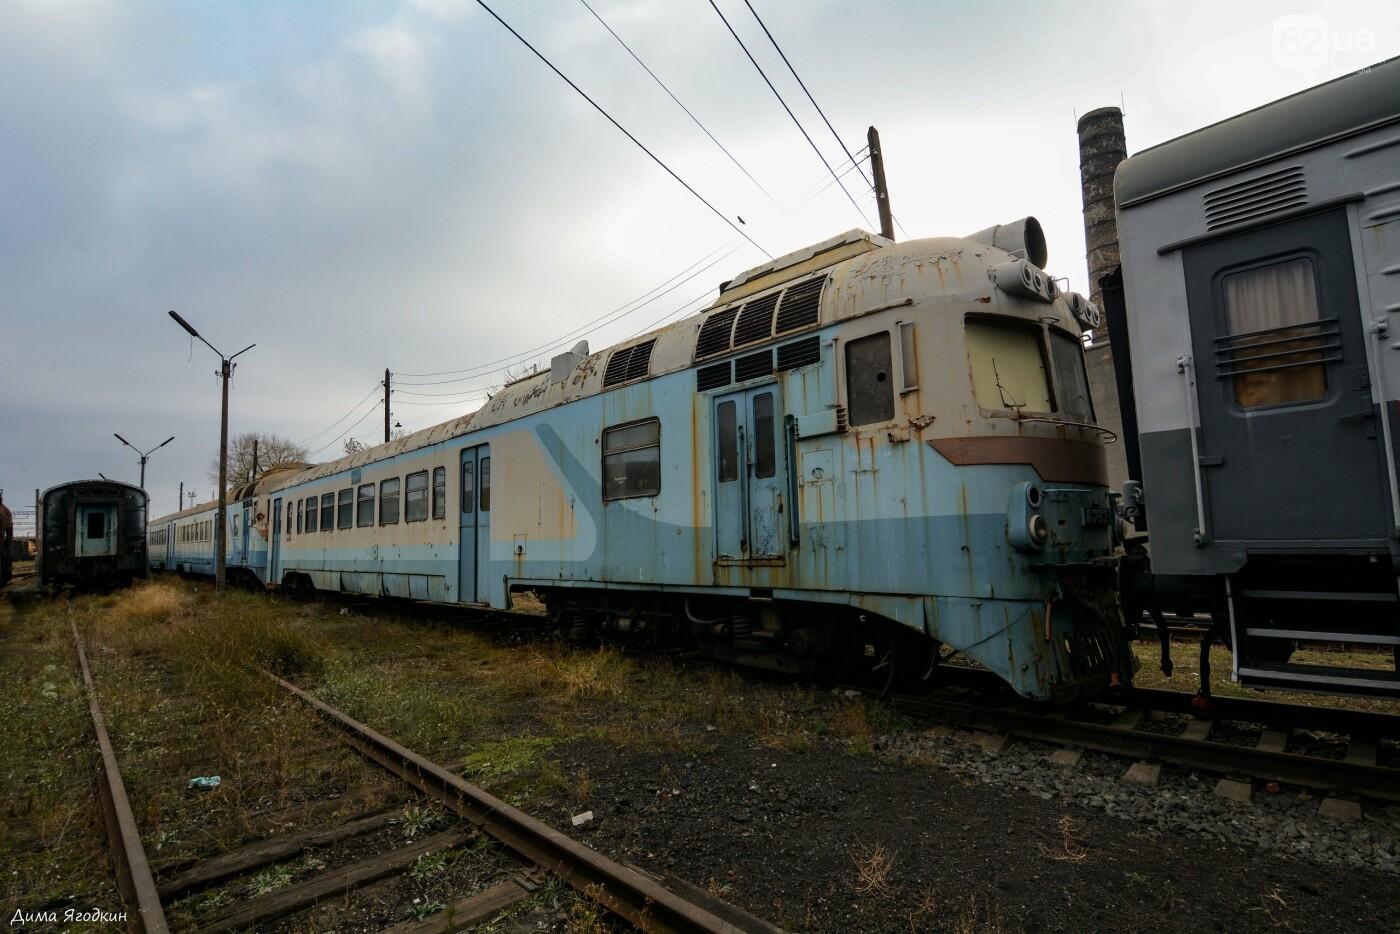 Кладбище поездов в «ДНР», - ФОТО, фото-6